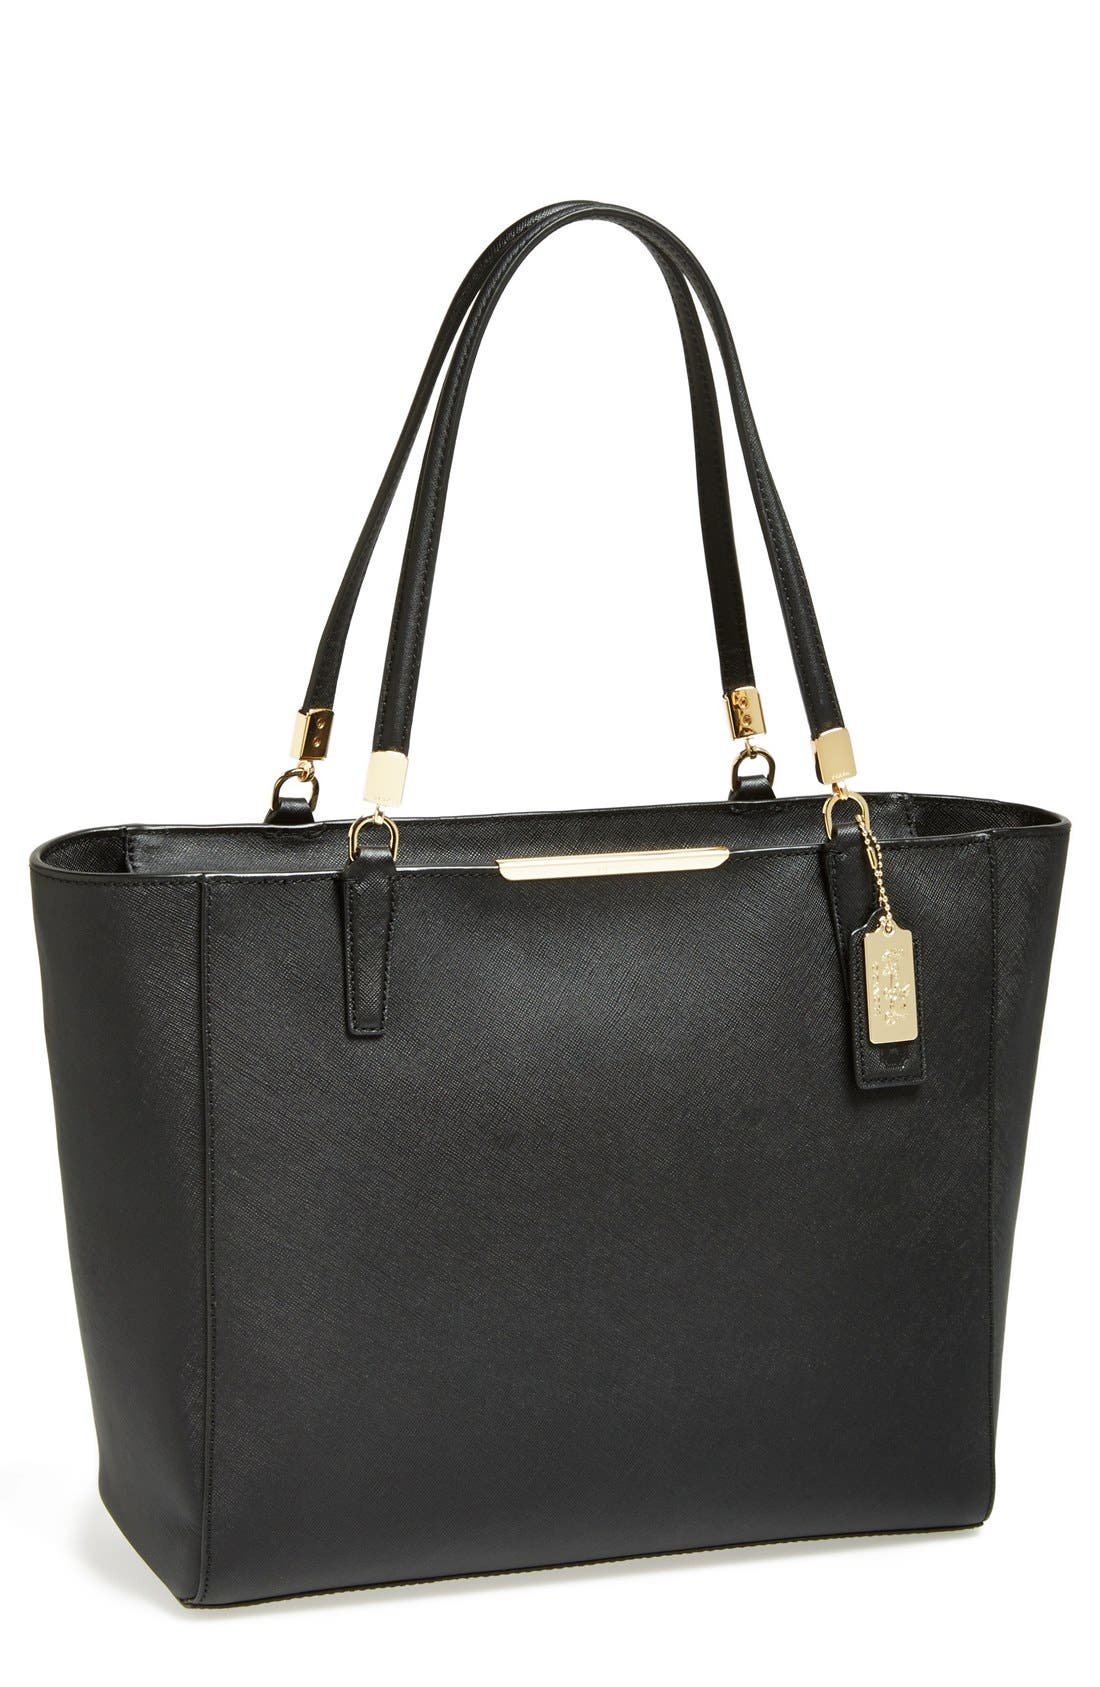 Main Image - COACH 'Madison' Saffiano Leather Tote